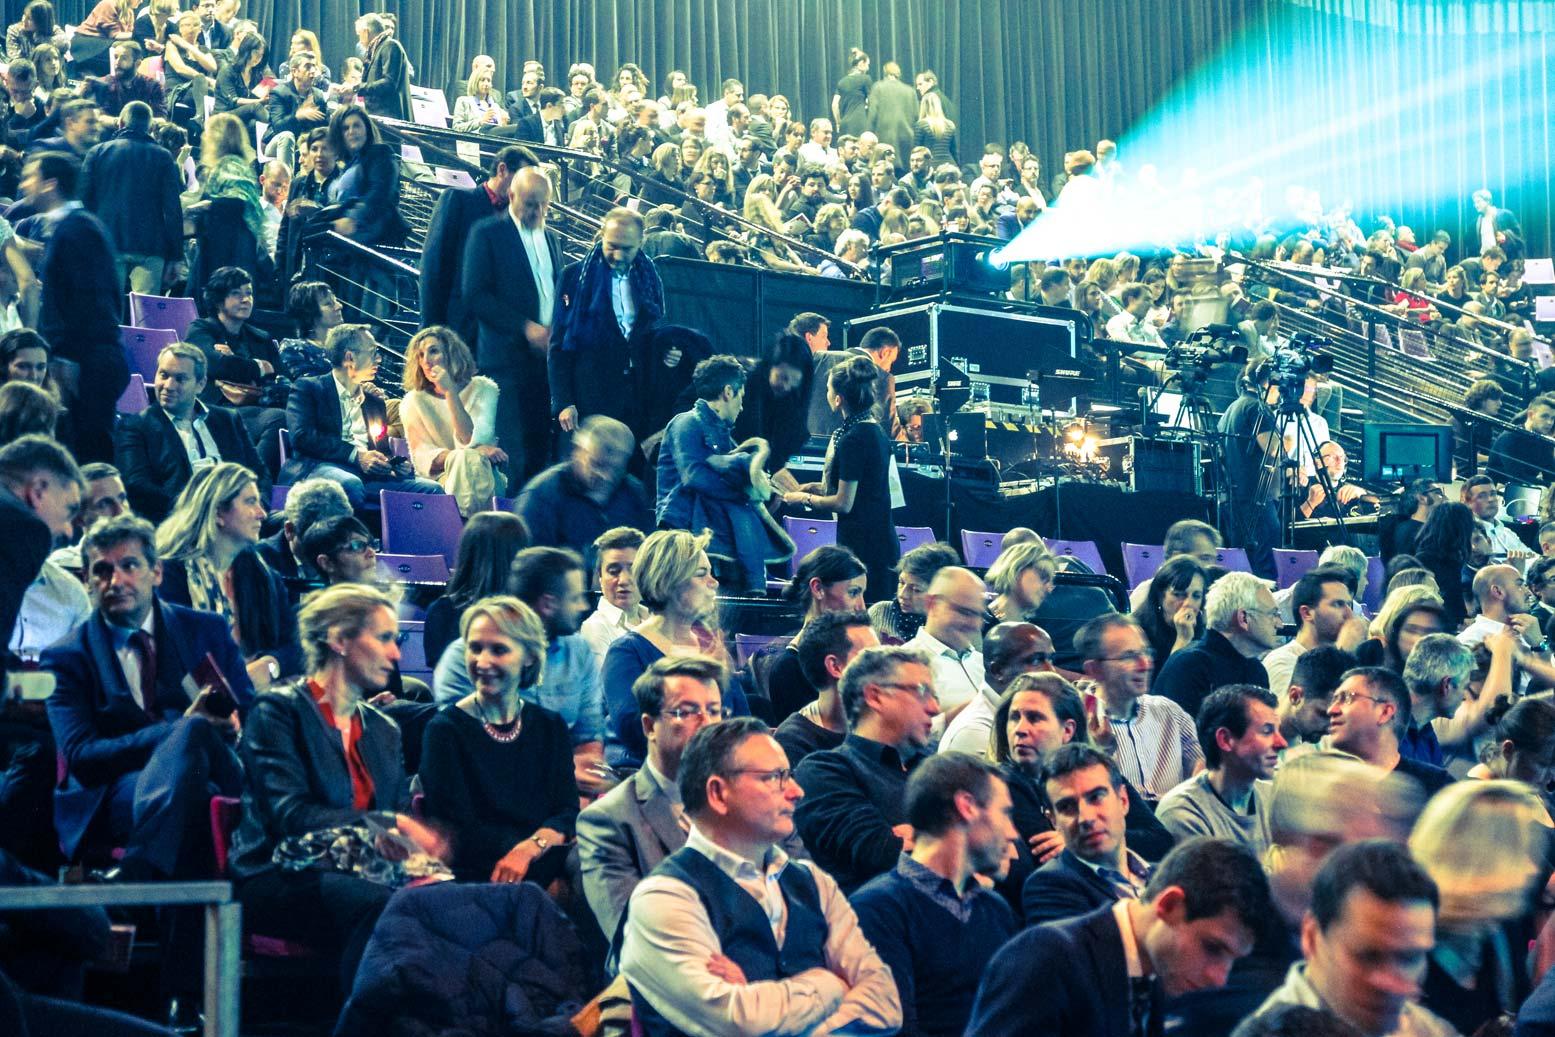 Premium CJD Pau Béarn, 26 Janvier 2018. 1000 personnes dans la salle. Iker Aguirre faisait la conférence d'ouverture, suivi du philosophe Raphaël Enthoven, avec l'animation d'Annie Lemoine.